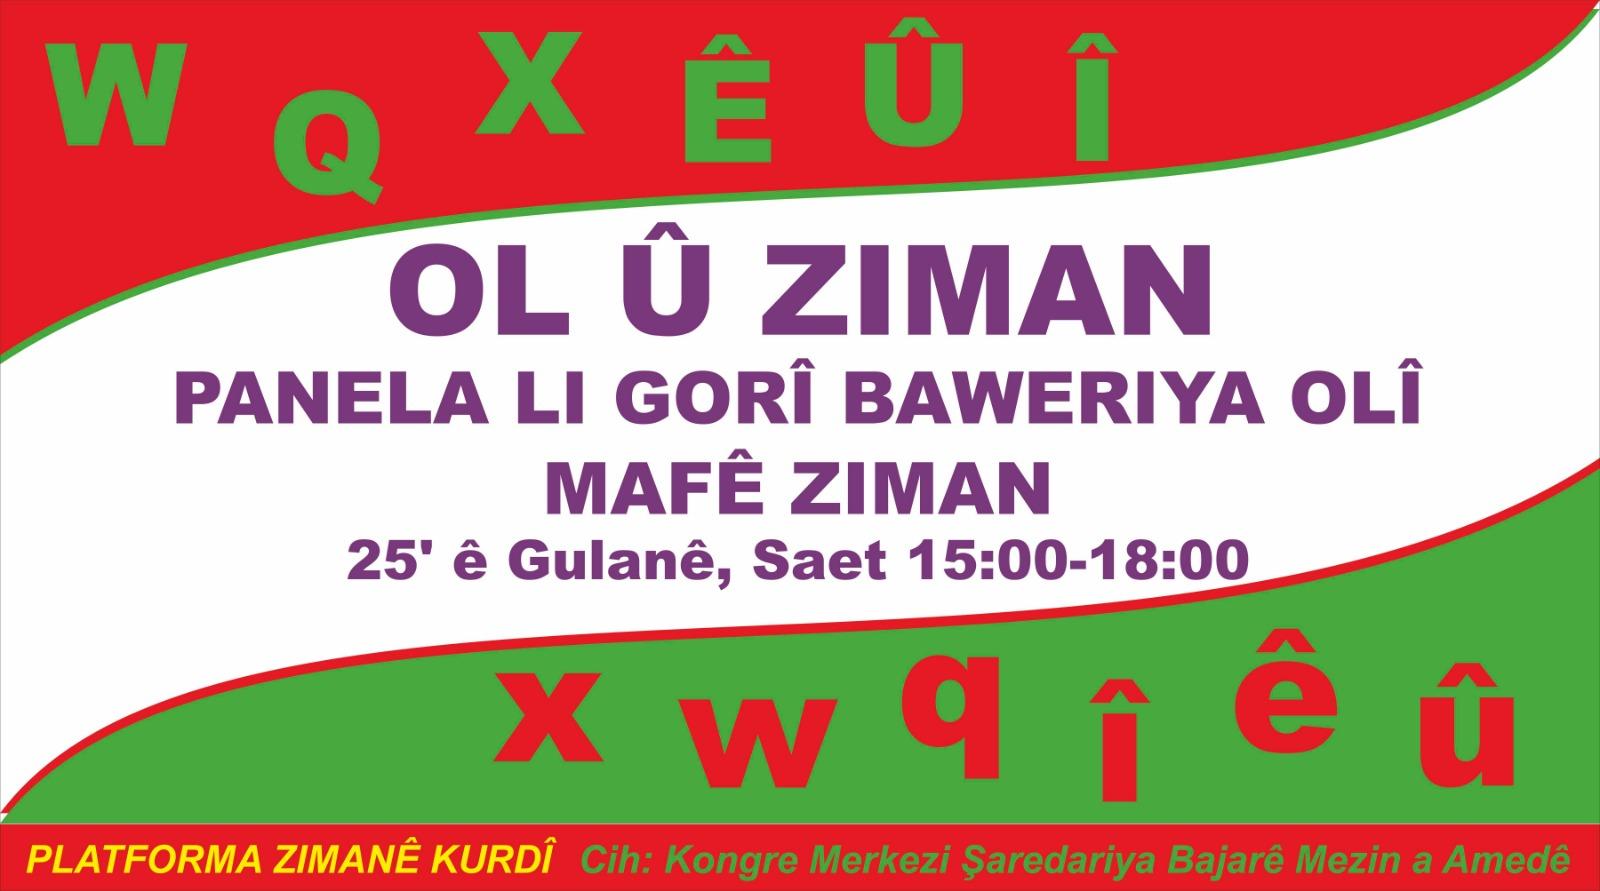 Platforma Zimanê Kurdî panela 'Ol û Ziman' lidardixe